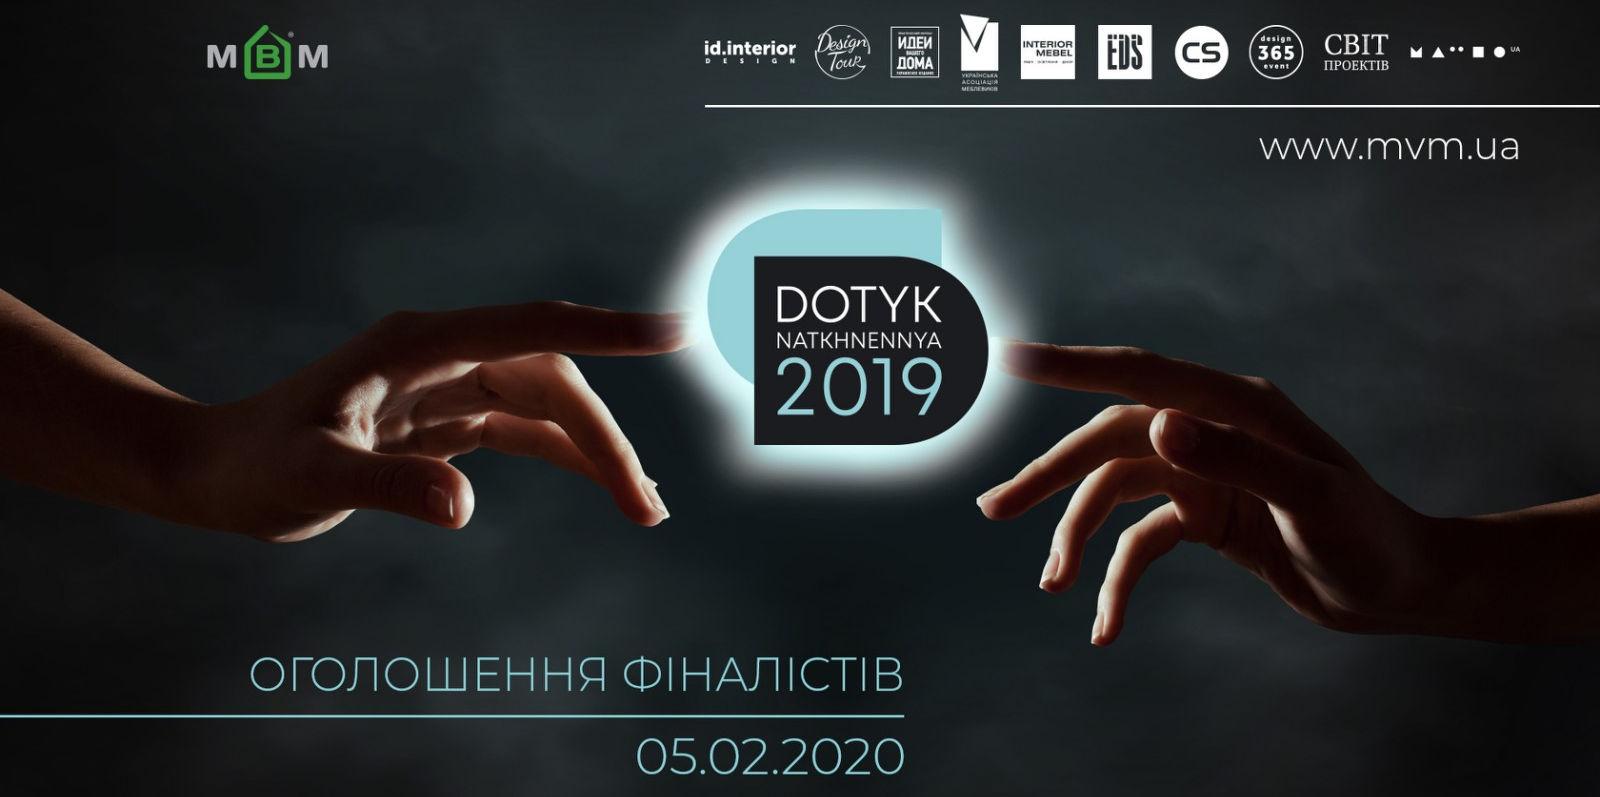 Анна Фомичева, Дмитрий Новиков, Анастасия Ковалева